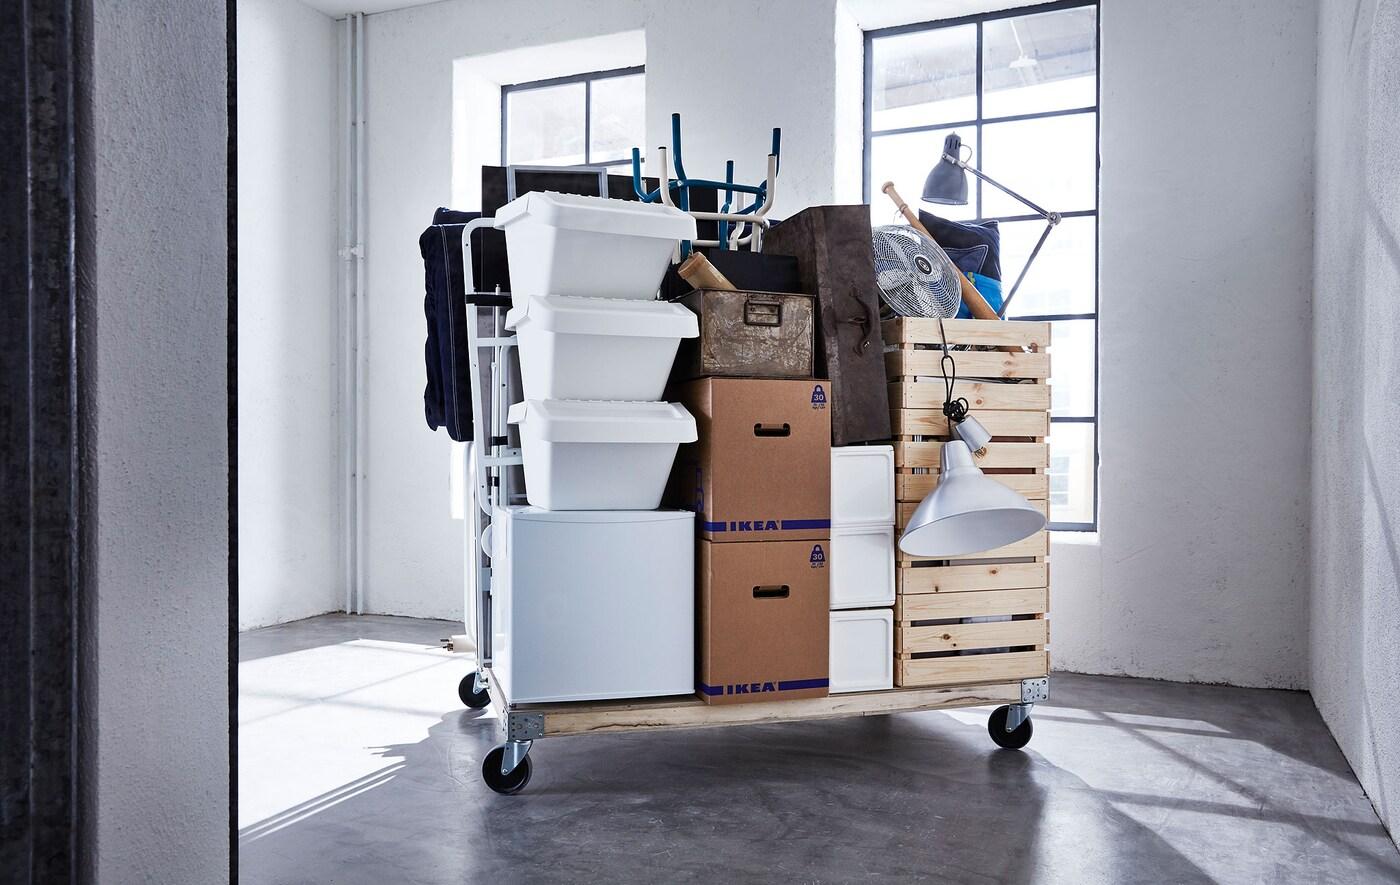 Lien vers «Ouvrez la voie à un déménagement libre de stress» – image de matériel de déménagement varié sur une palette à roues.